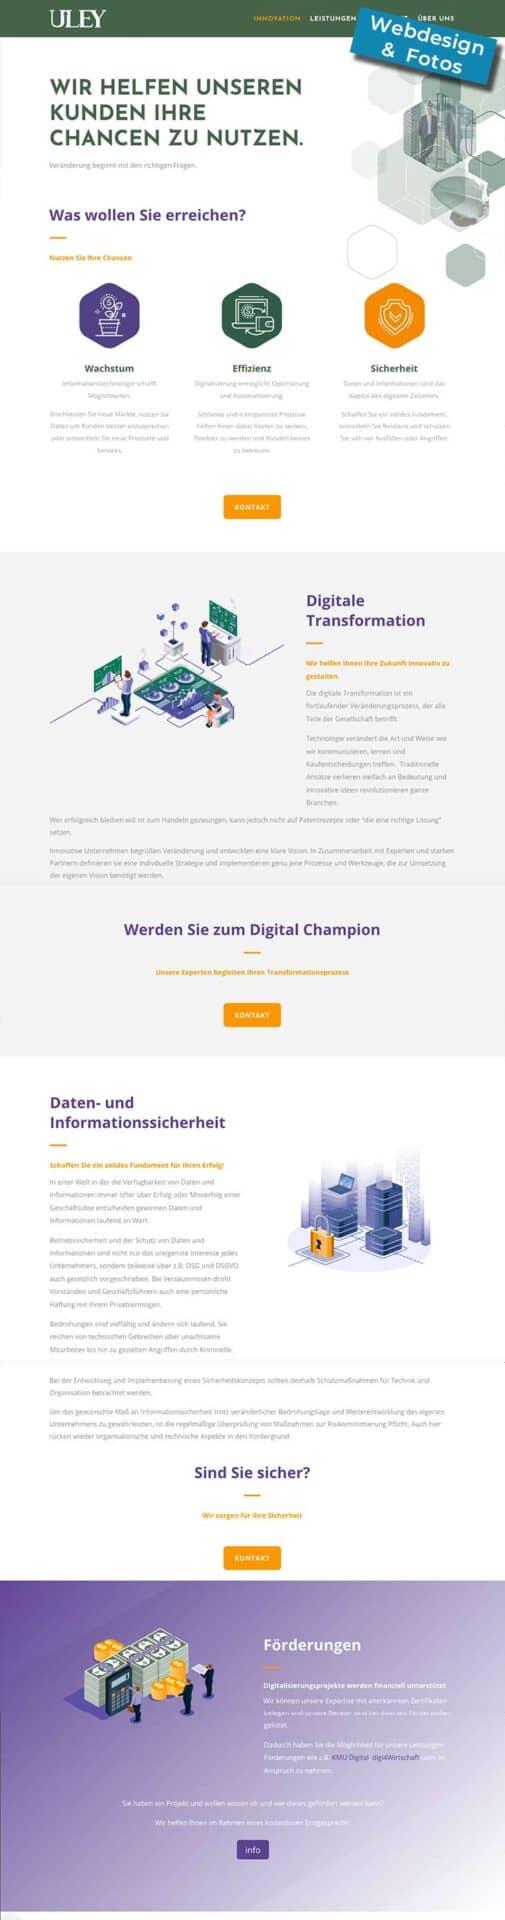 uley Webdesign